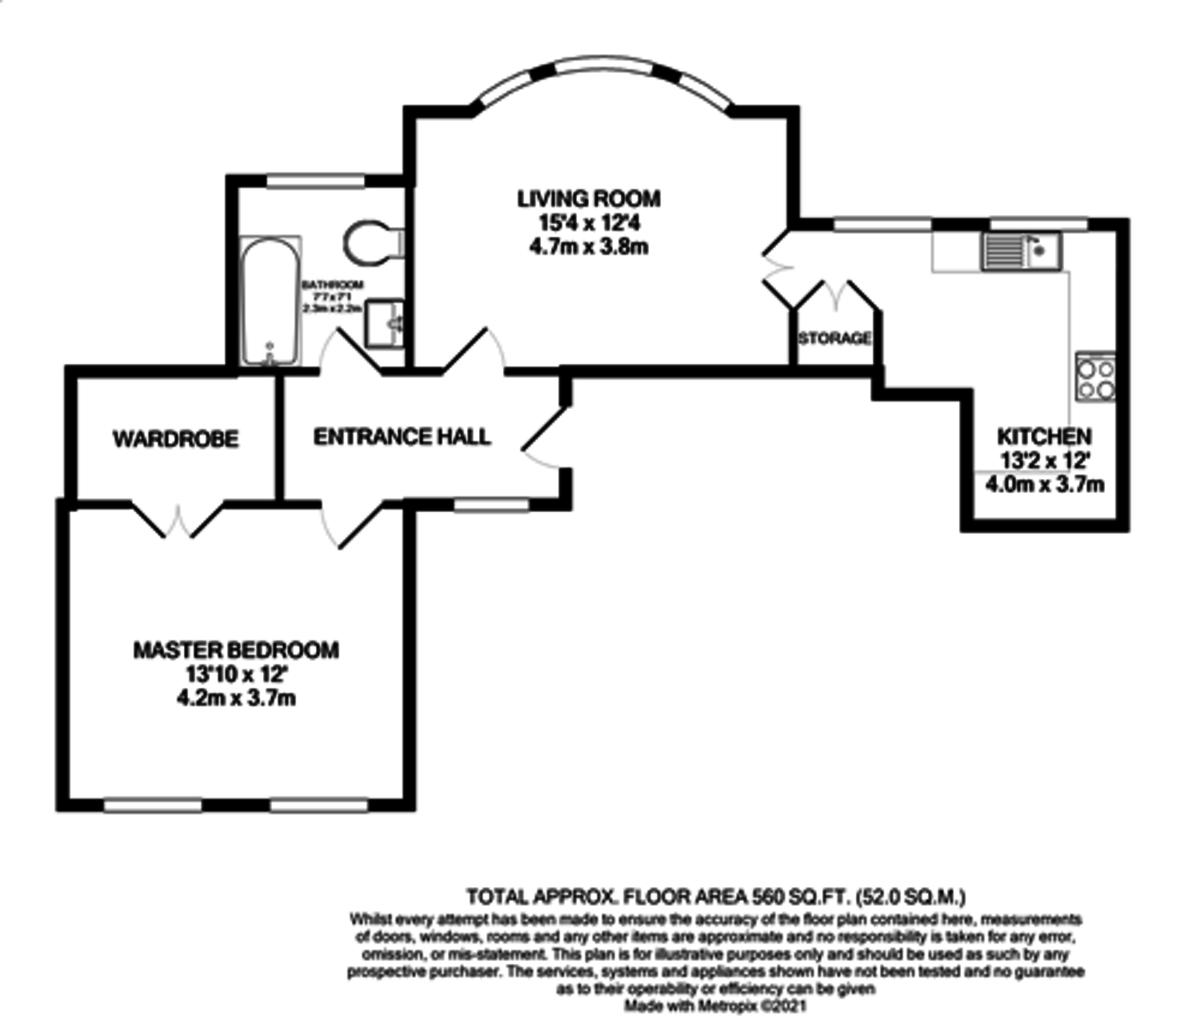 The Mint, Mint Drive, Jewellery Quarter floorplan 1 of 1